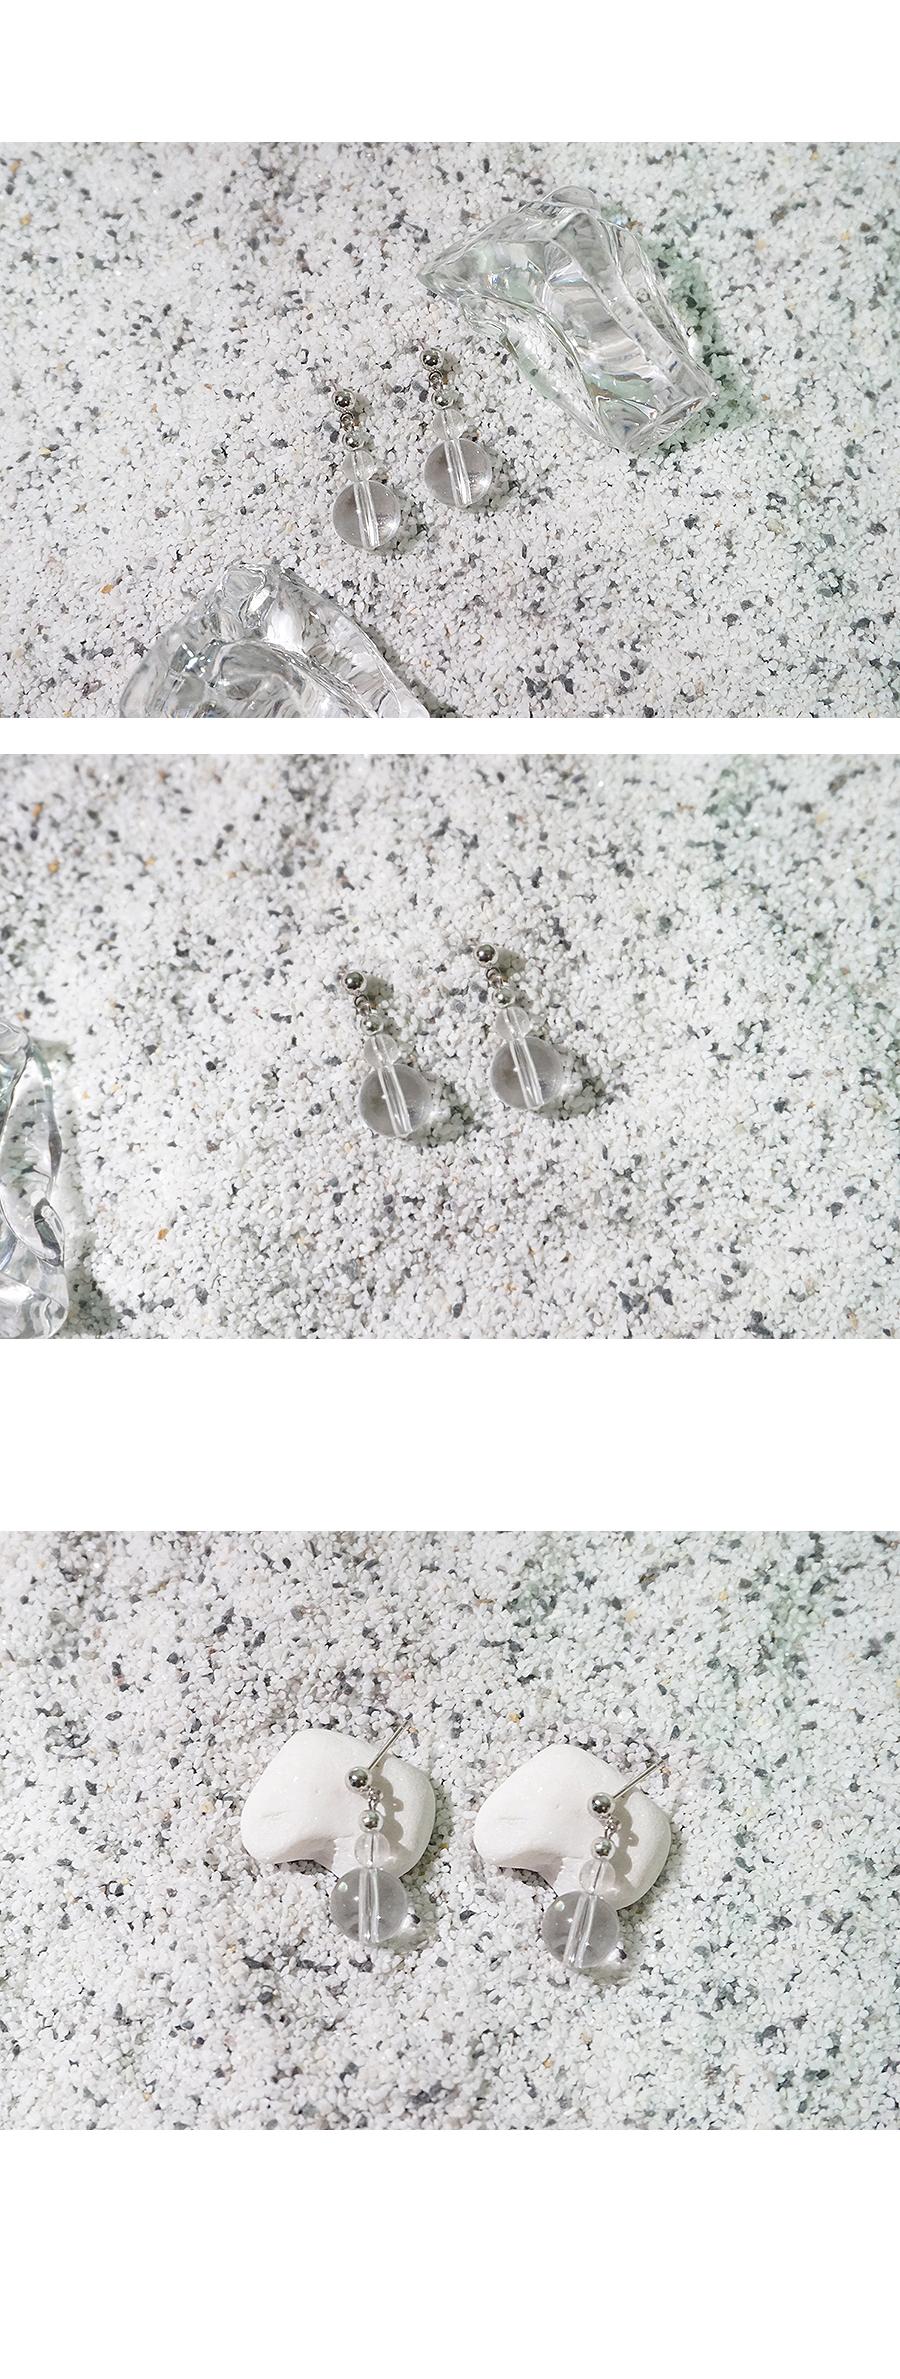 레이어드 듀 귀걸이 - 무디루틴, 10,000원, 실버, 드롭귀걸이